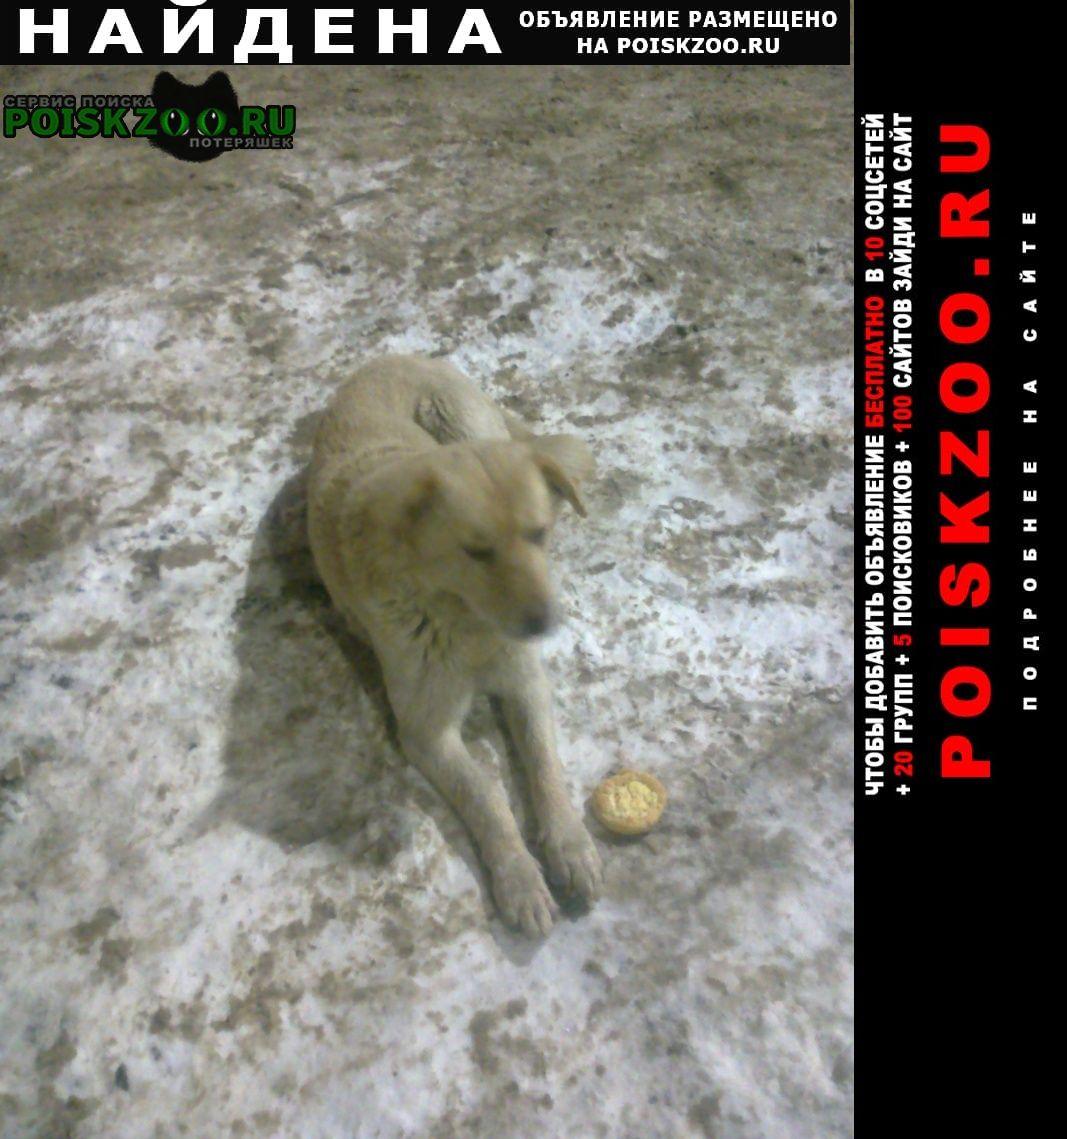 Найдена собака - кобелёк Тверь